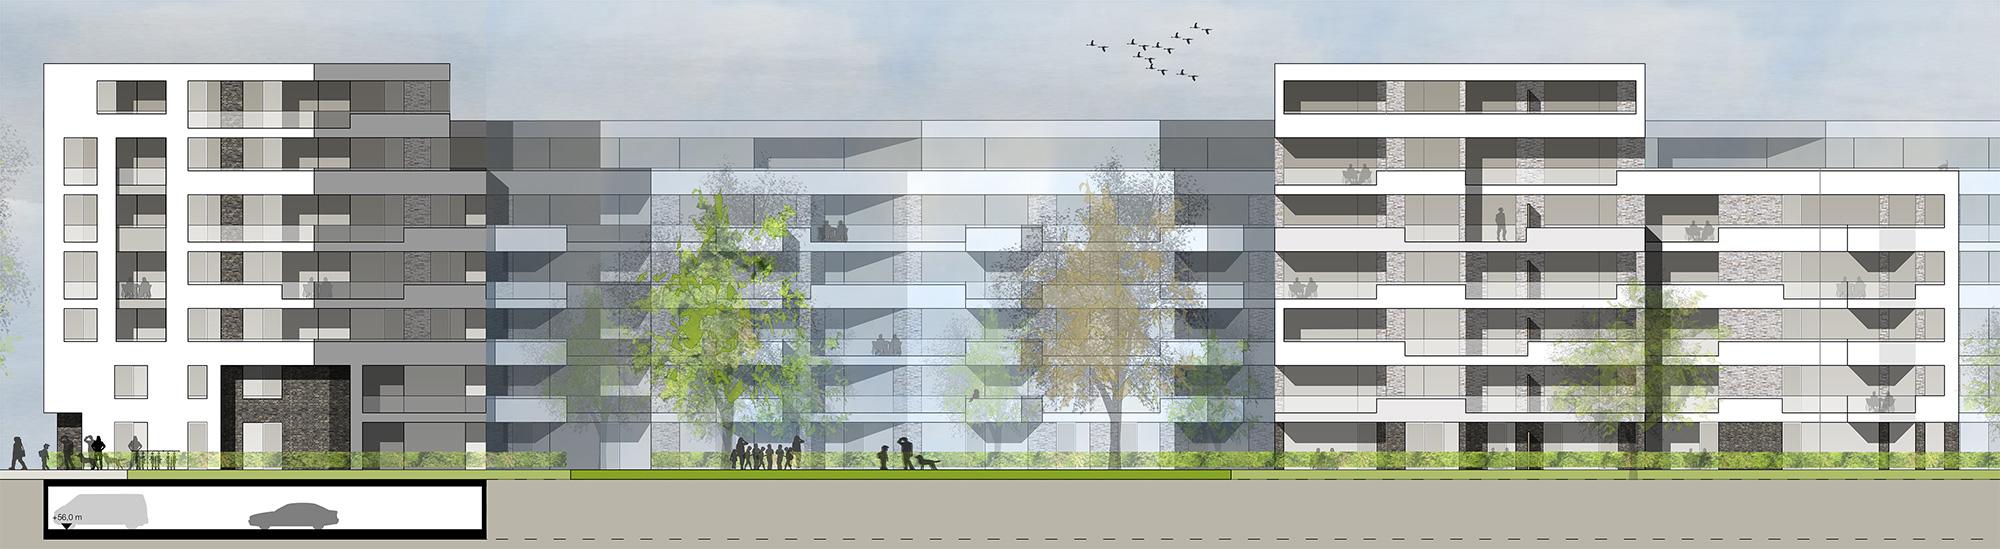 Architektur cadlife for Stellenanzeige stadtplaner